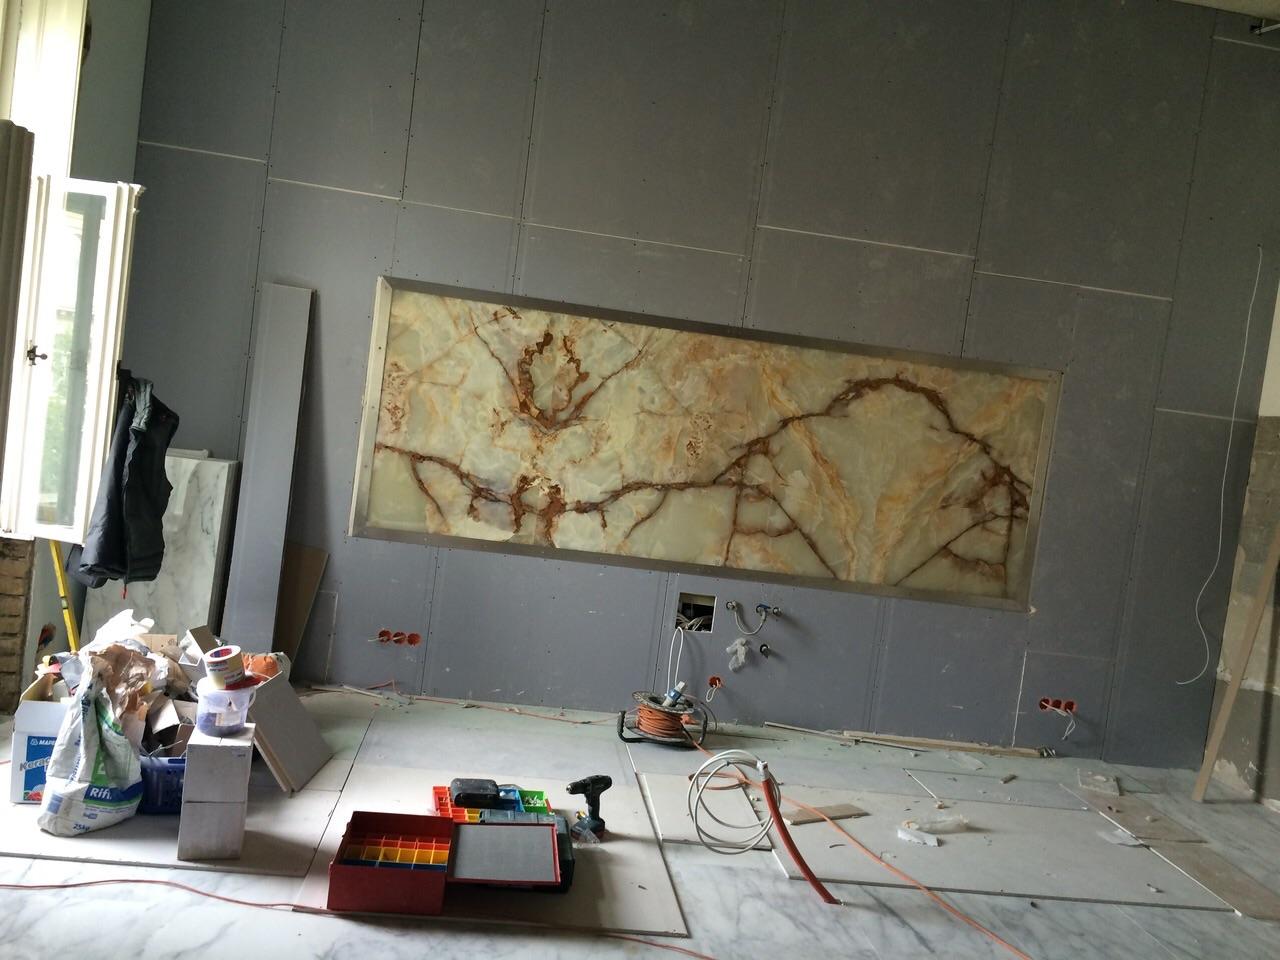 27 Pannelli Decorativi Pareti Interne - Inidpfohor